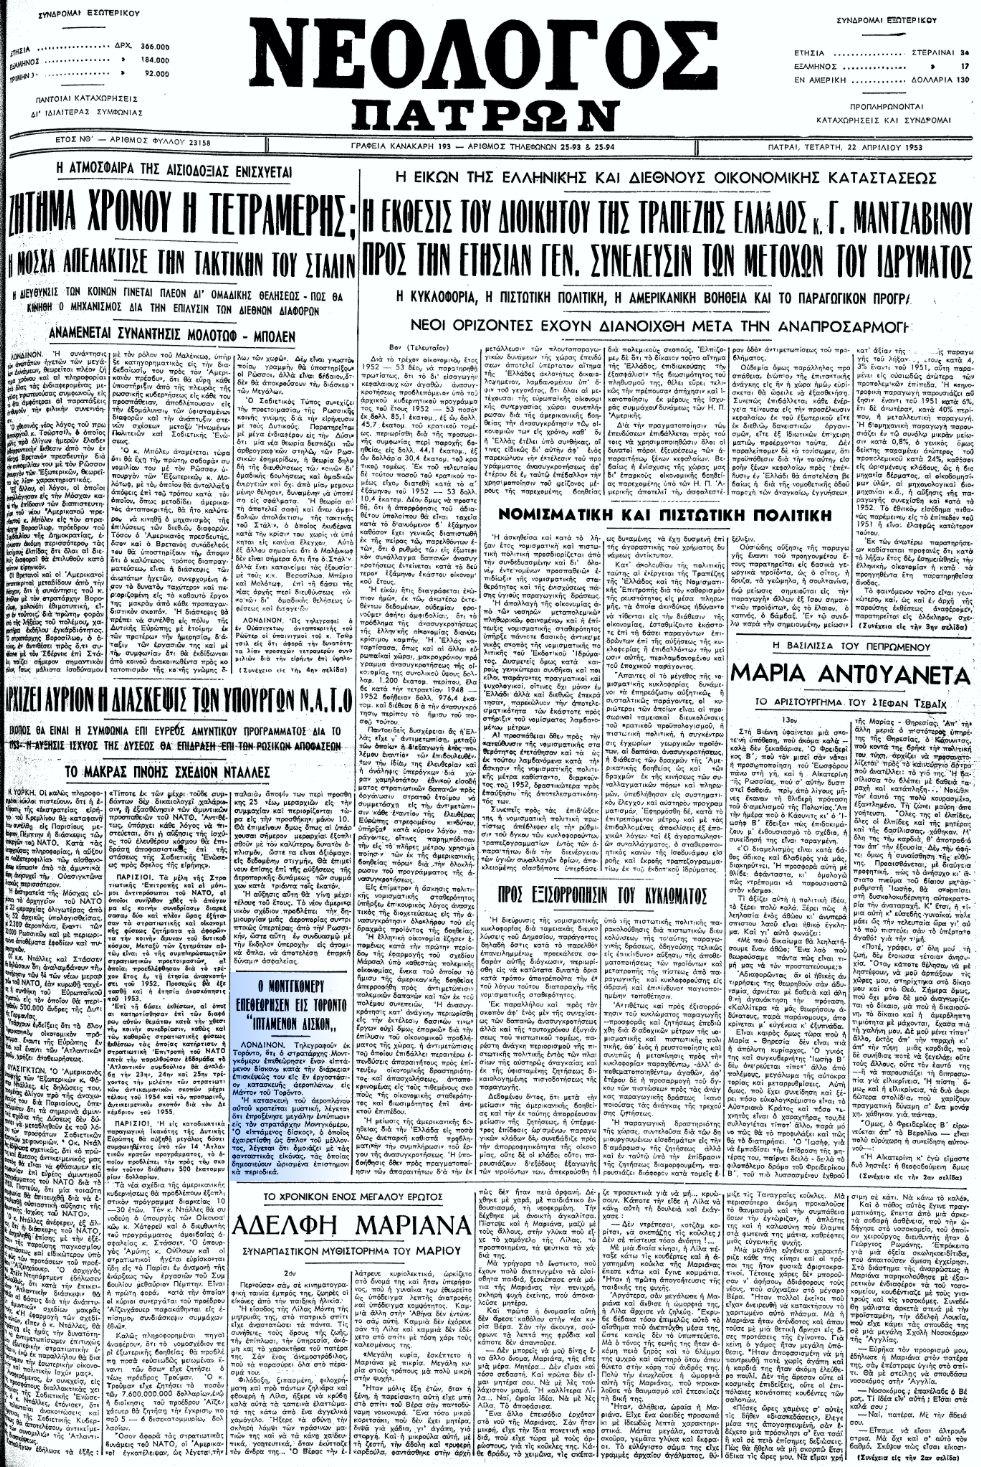 """Το άρθρο, όπως δημοσιεύθηκε στην εφημερίδα """"ΝΕΟΛΟΓΟΣ ΠΑΤΡΩΝ"""", στις 22/04/1953"""